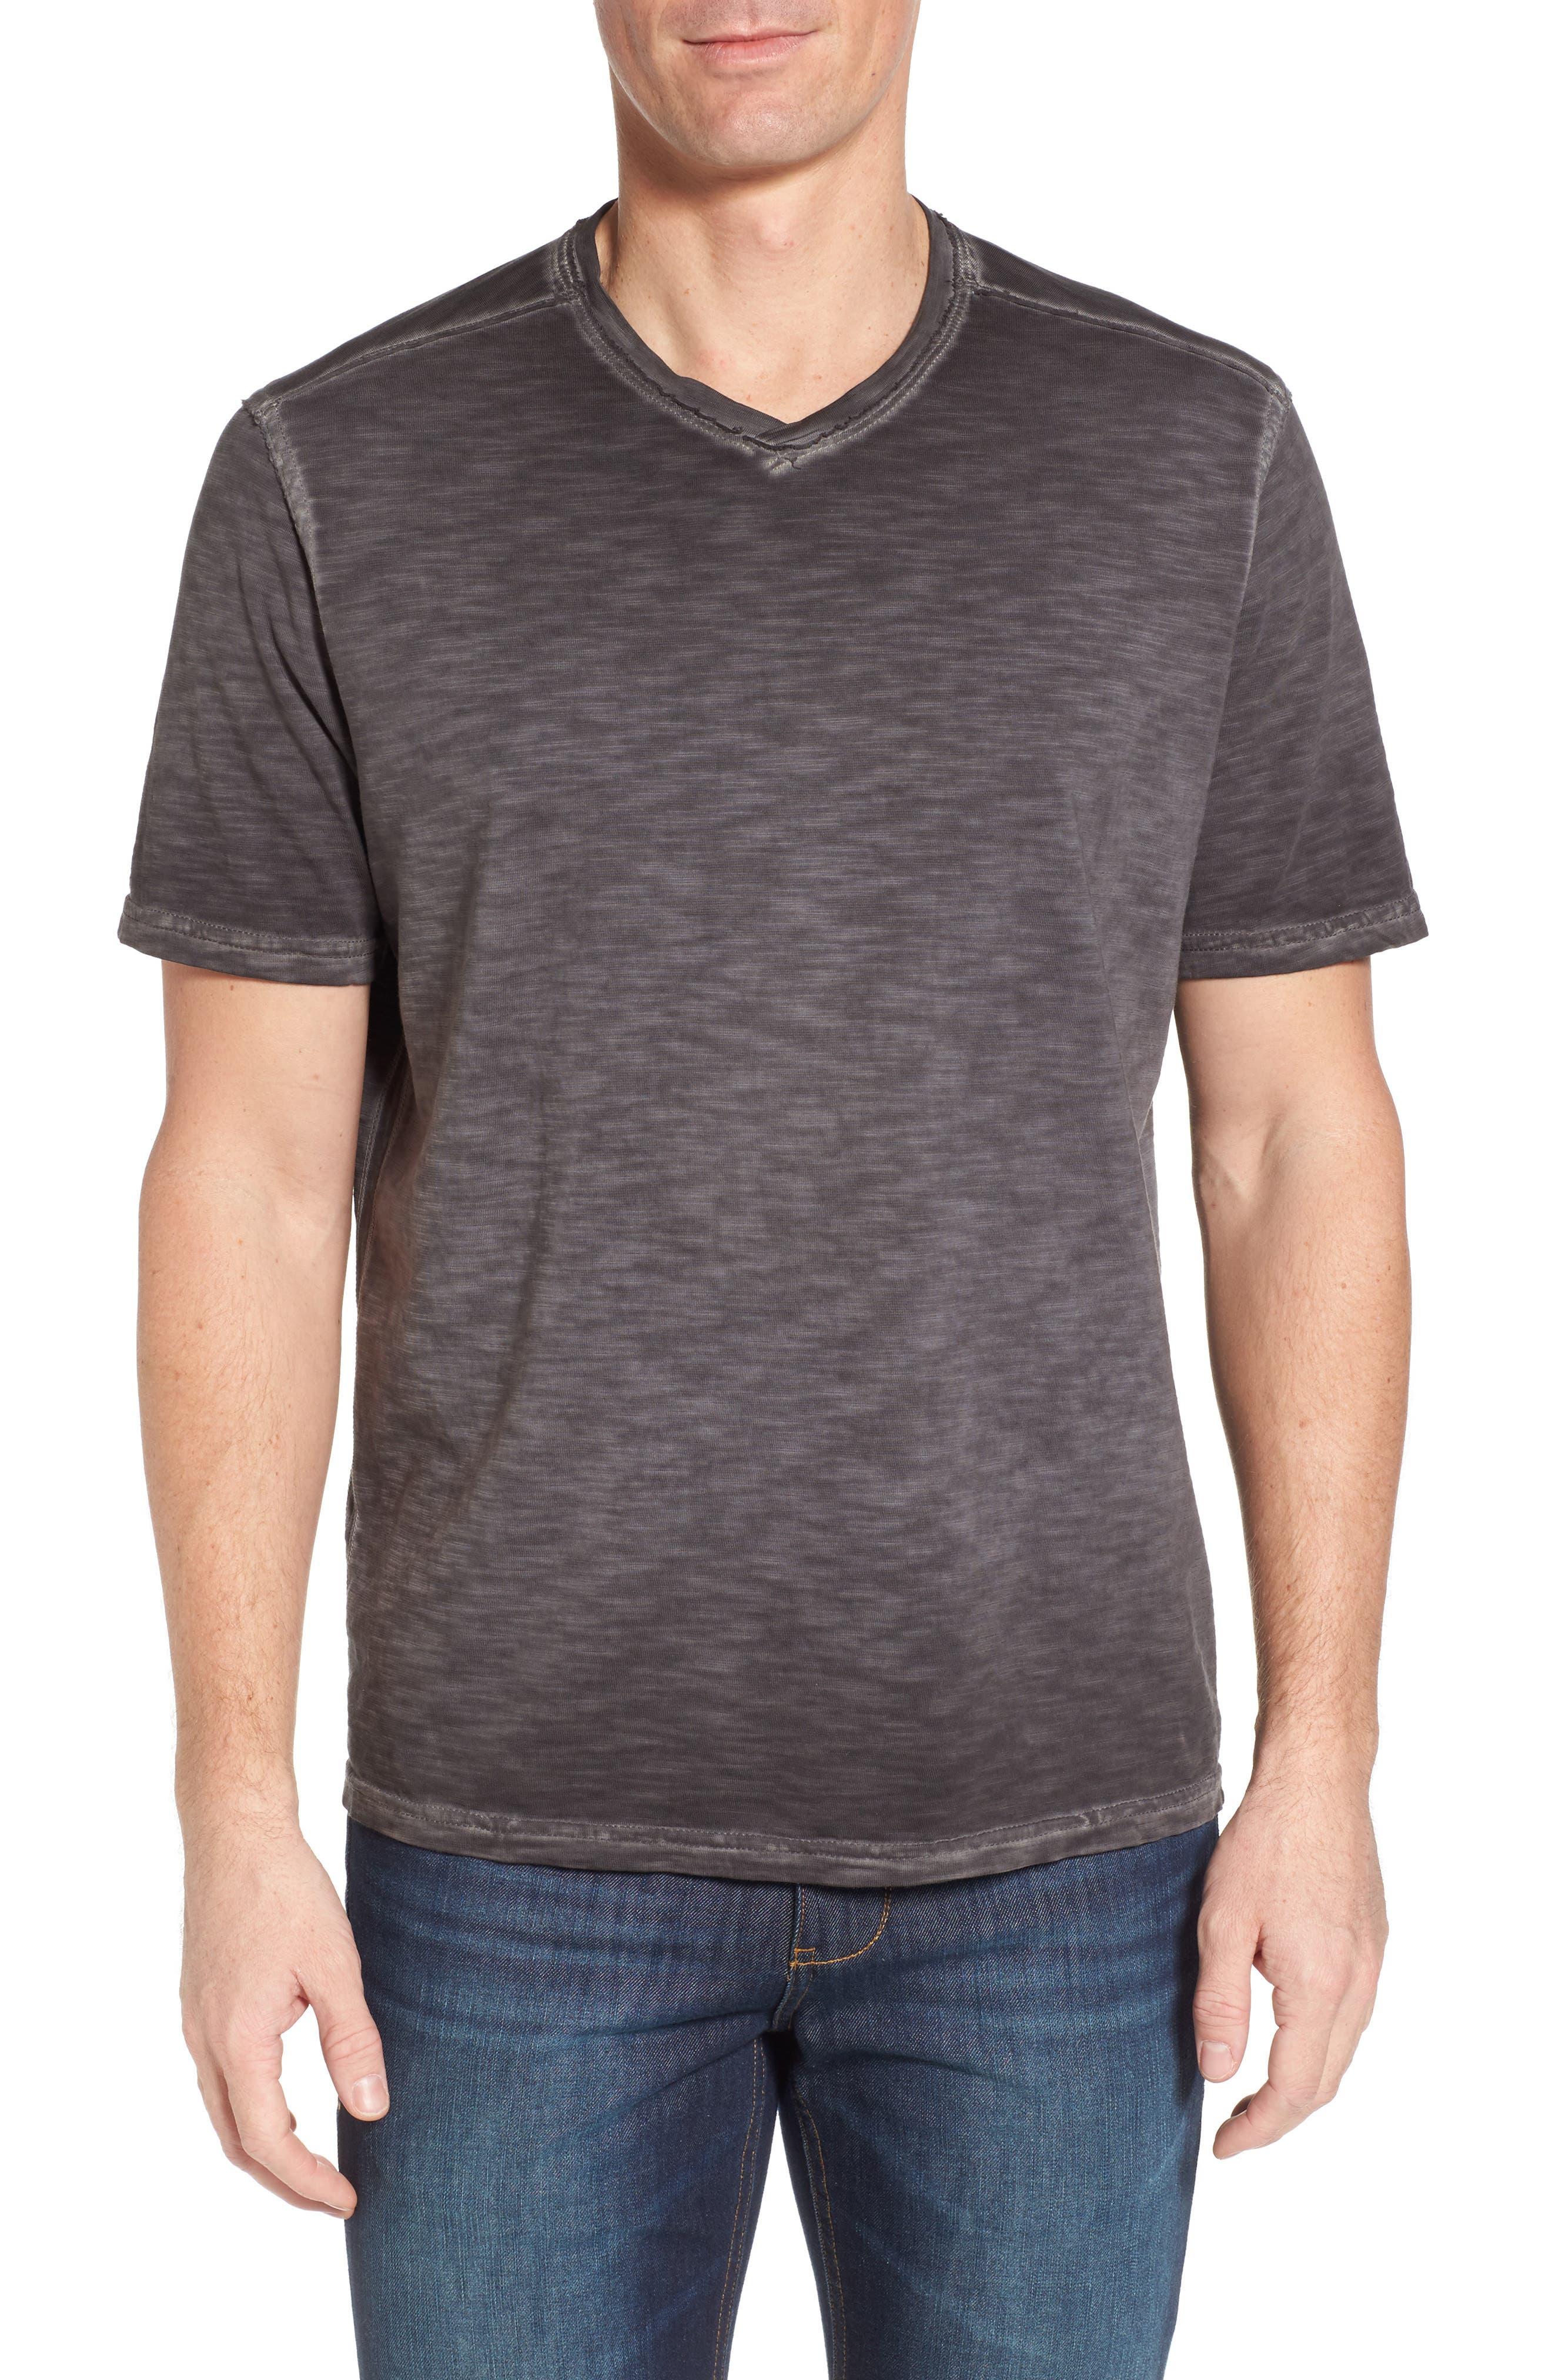 Suncoast Shores V-Neck T-Shirt,                         Main,                         color, 001